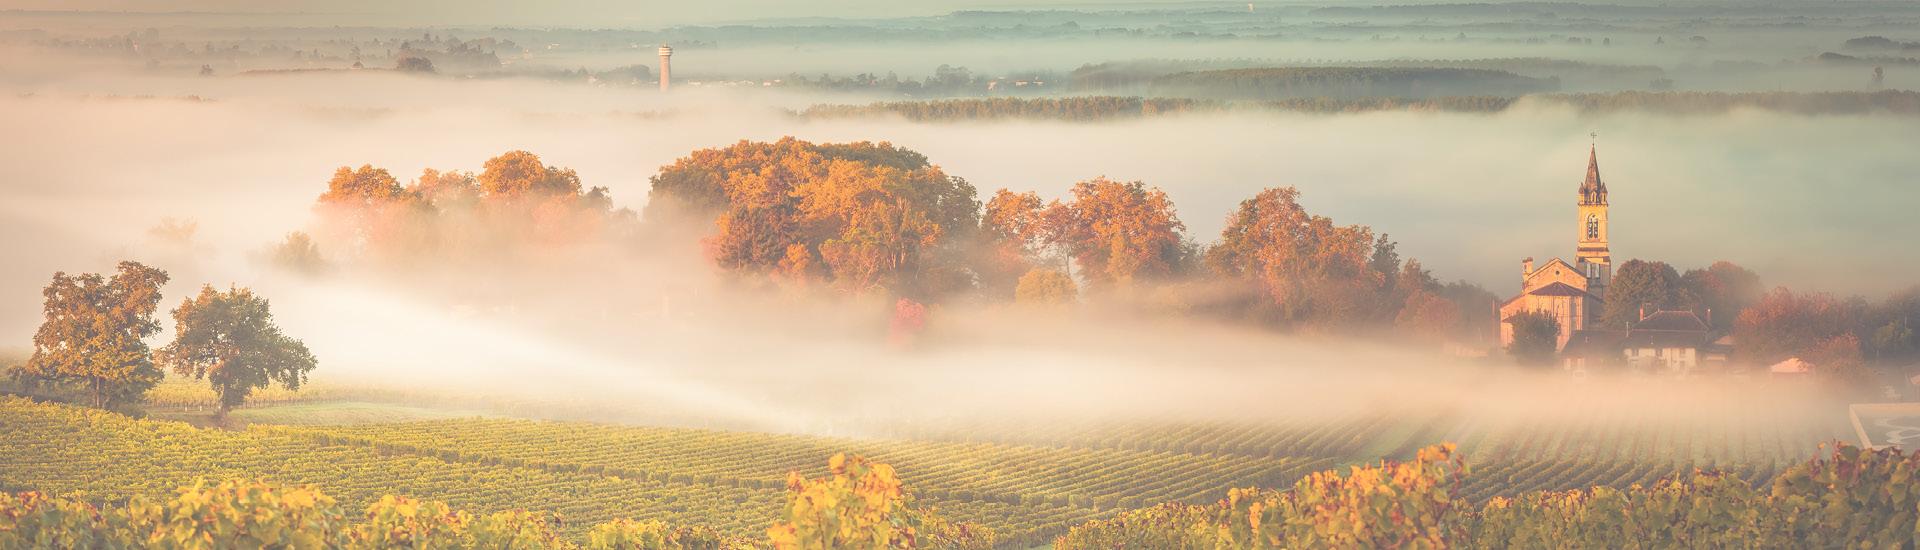 Weine - Bordeauxweine aus den TOP-Jahrgängen 2015 und 2016 02/2020 - Slider